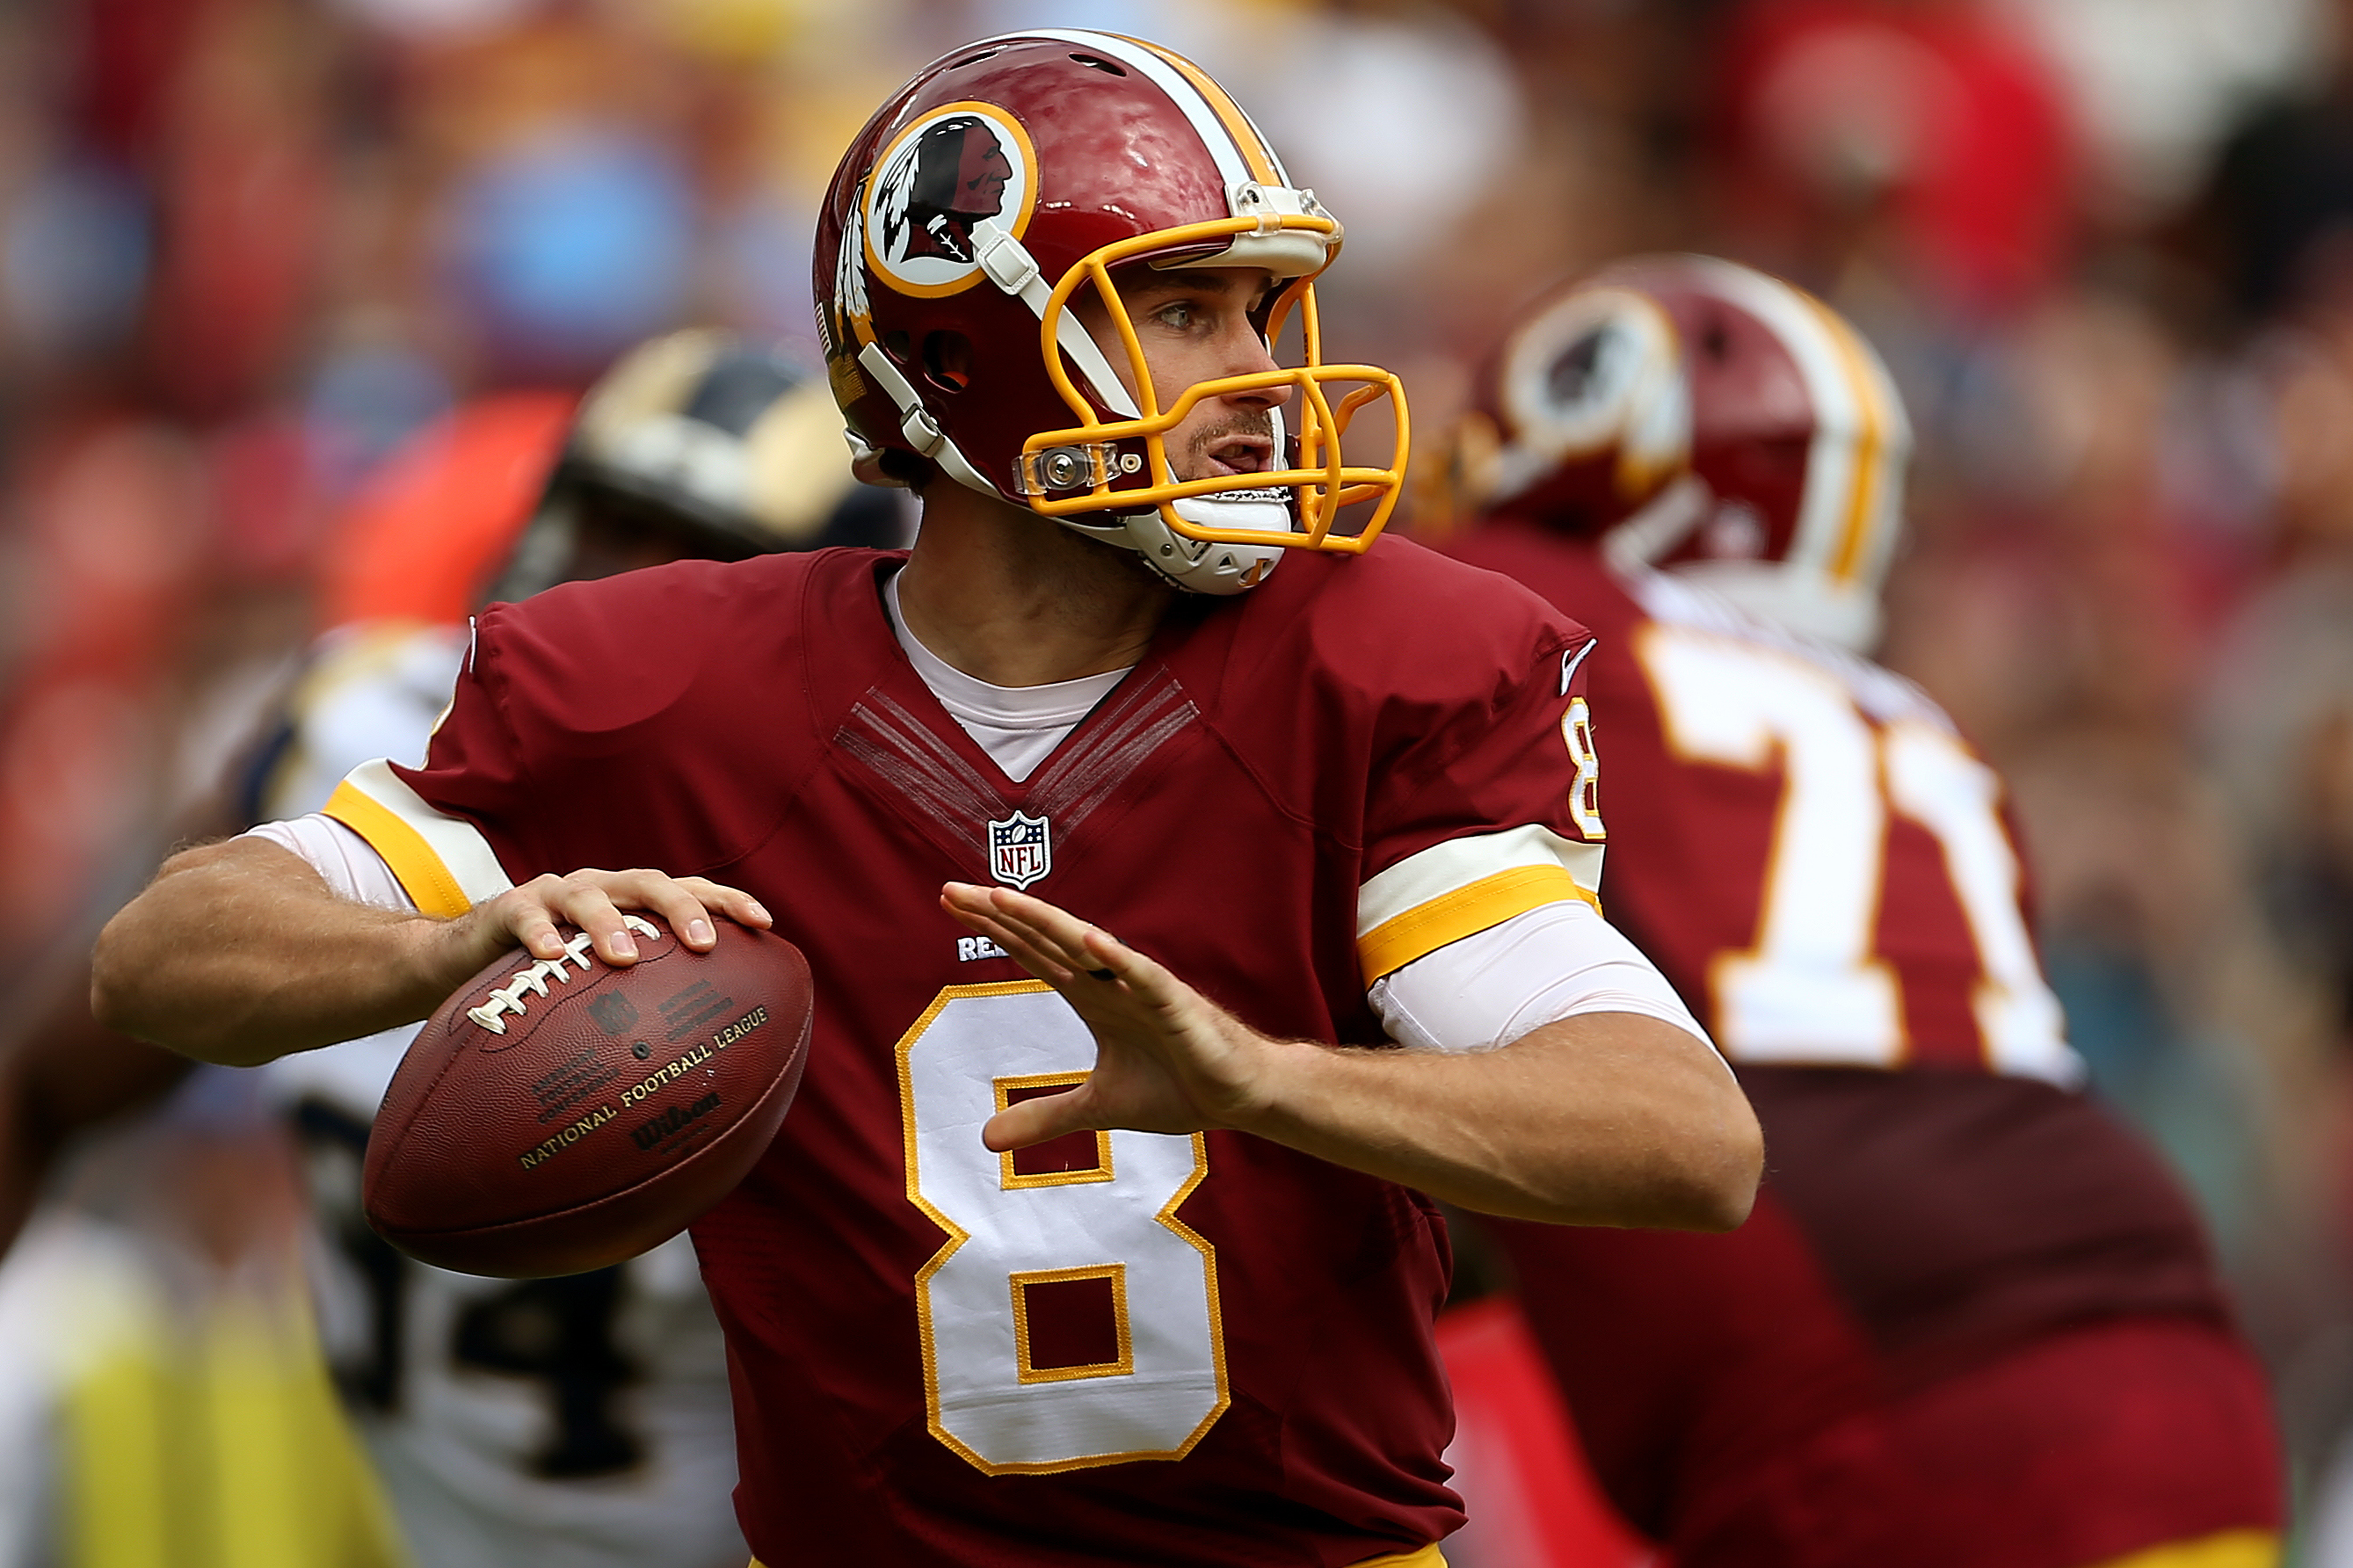 The Giants need to test Washington quarterback Kirk Cousins on Thursday night